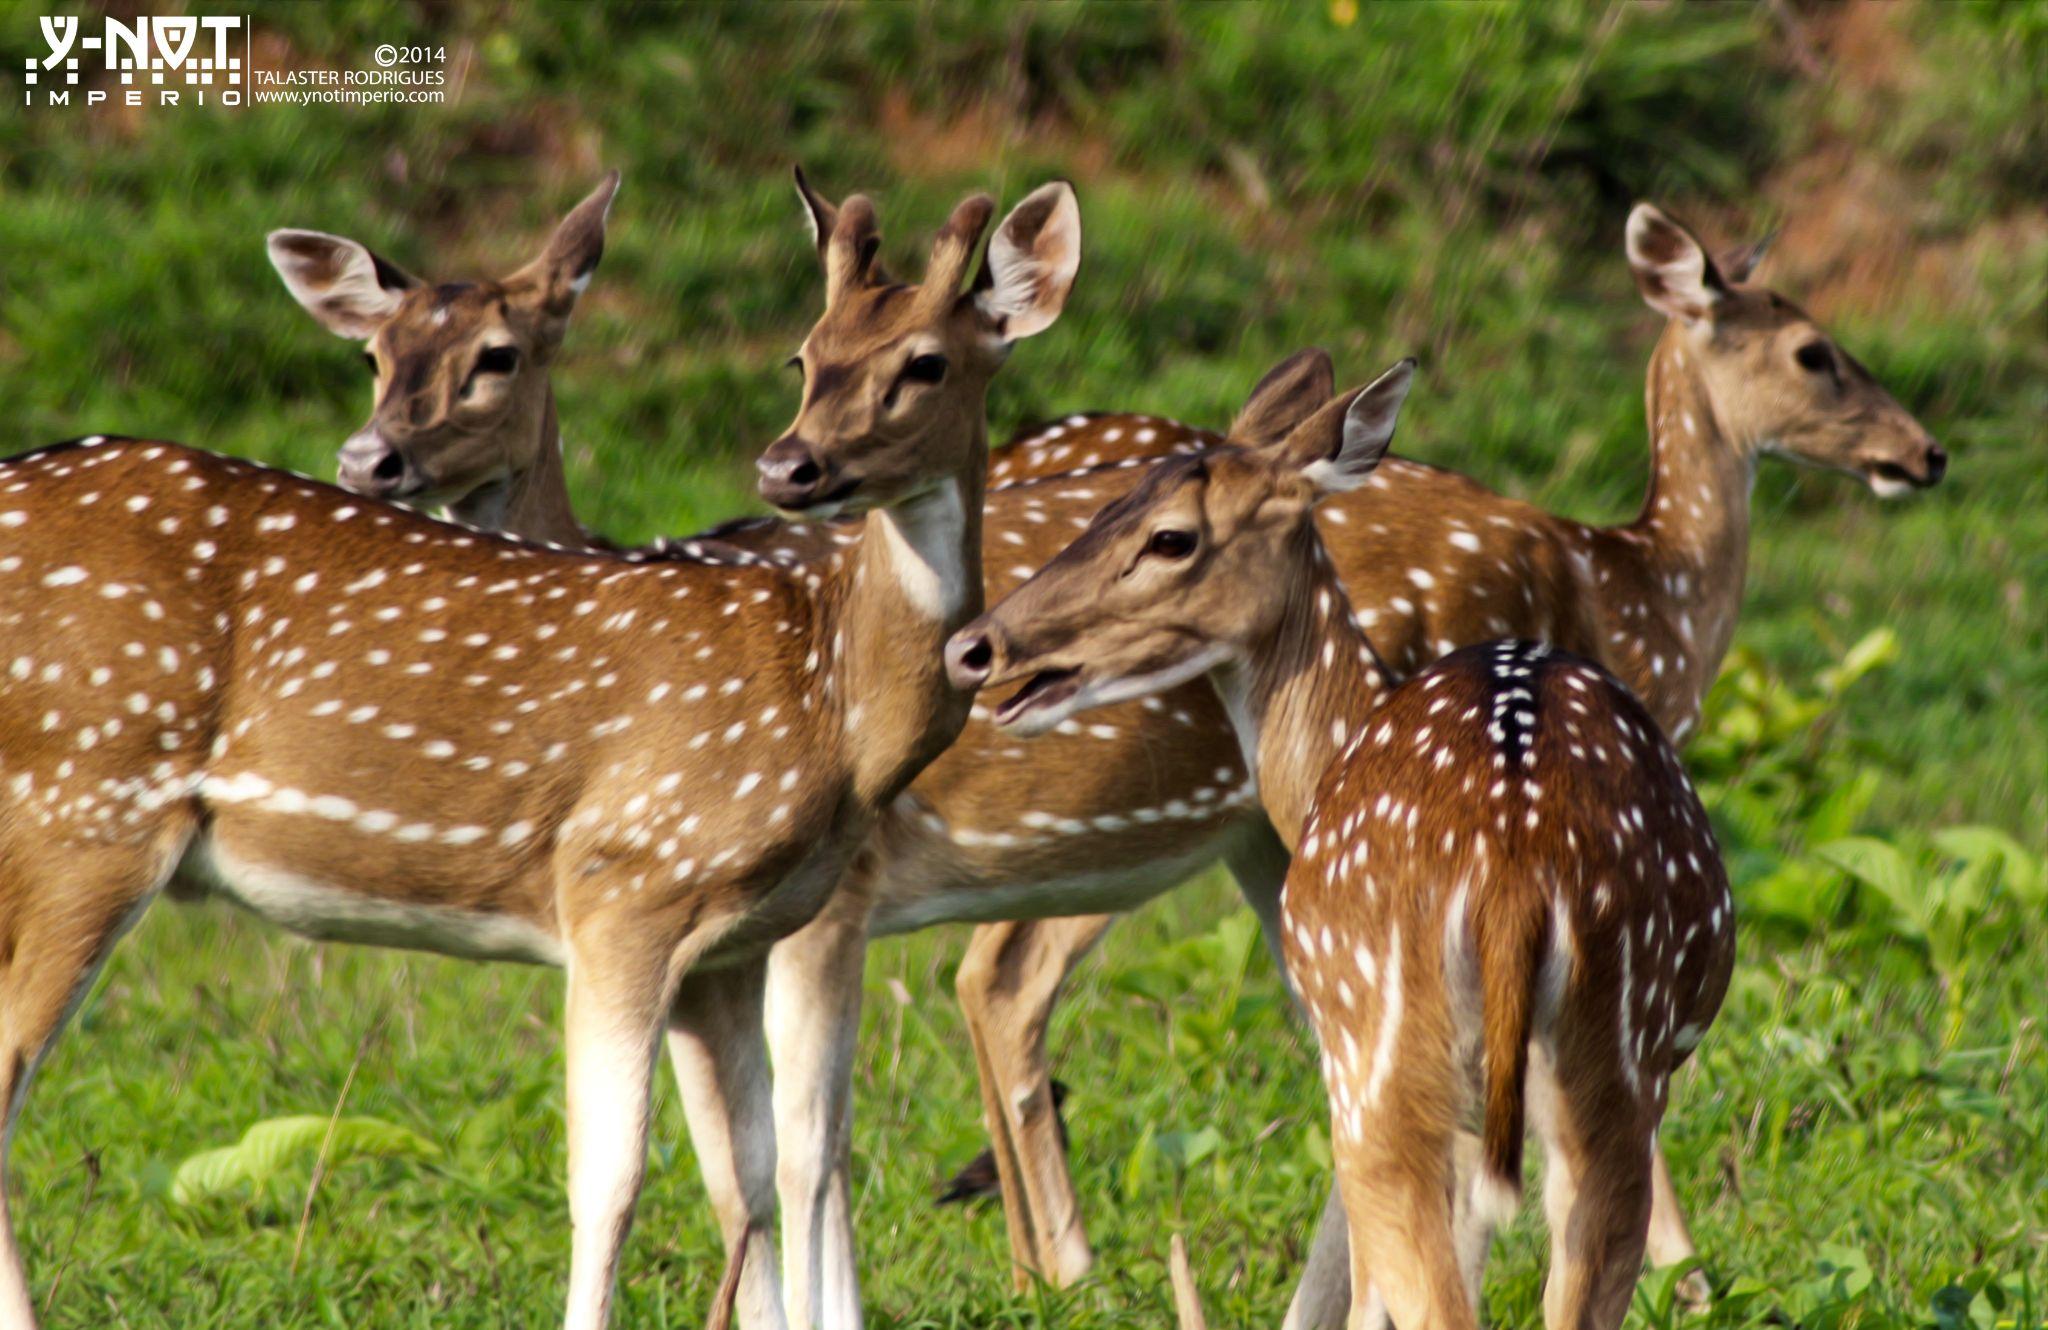 Deer by Talaster Rodrigues